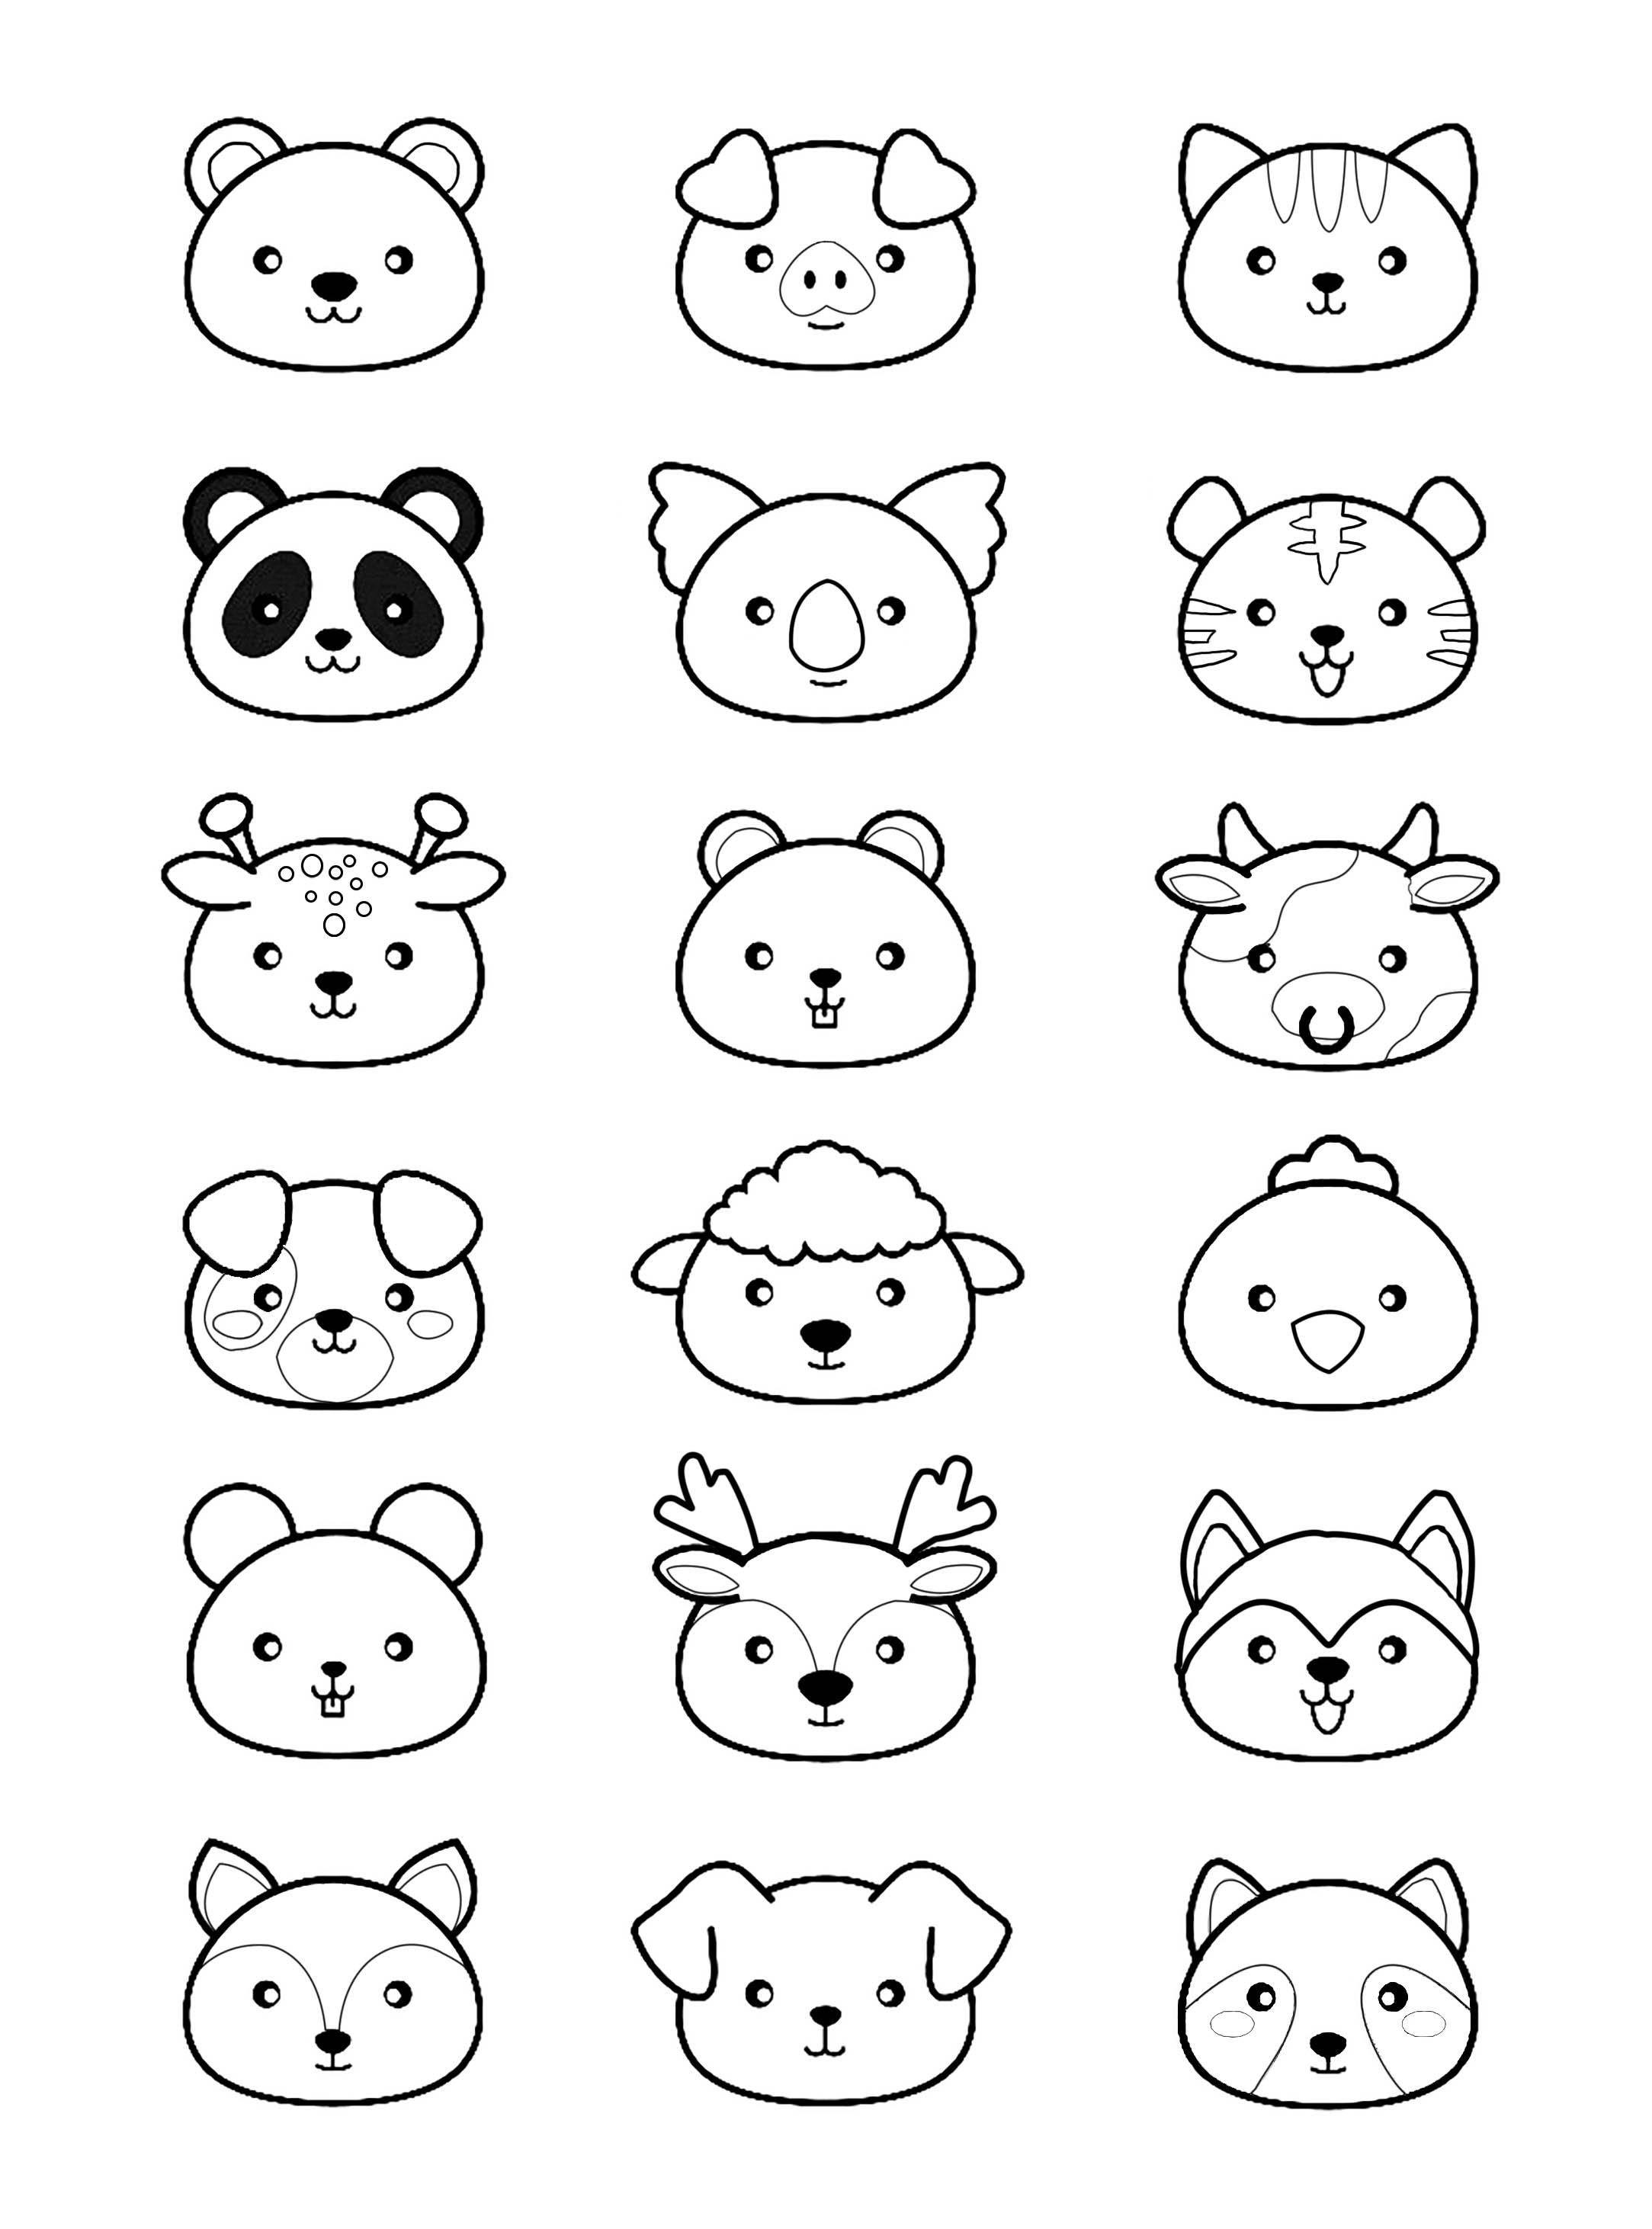 Kawaii Google Search Panda Coloring Pages Cute Coloring Pages Cute Kawaii Drawings